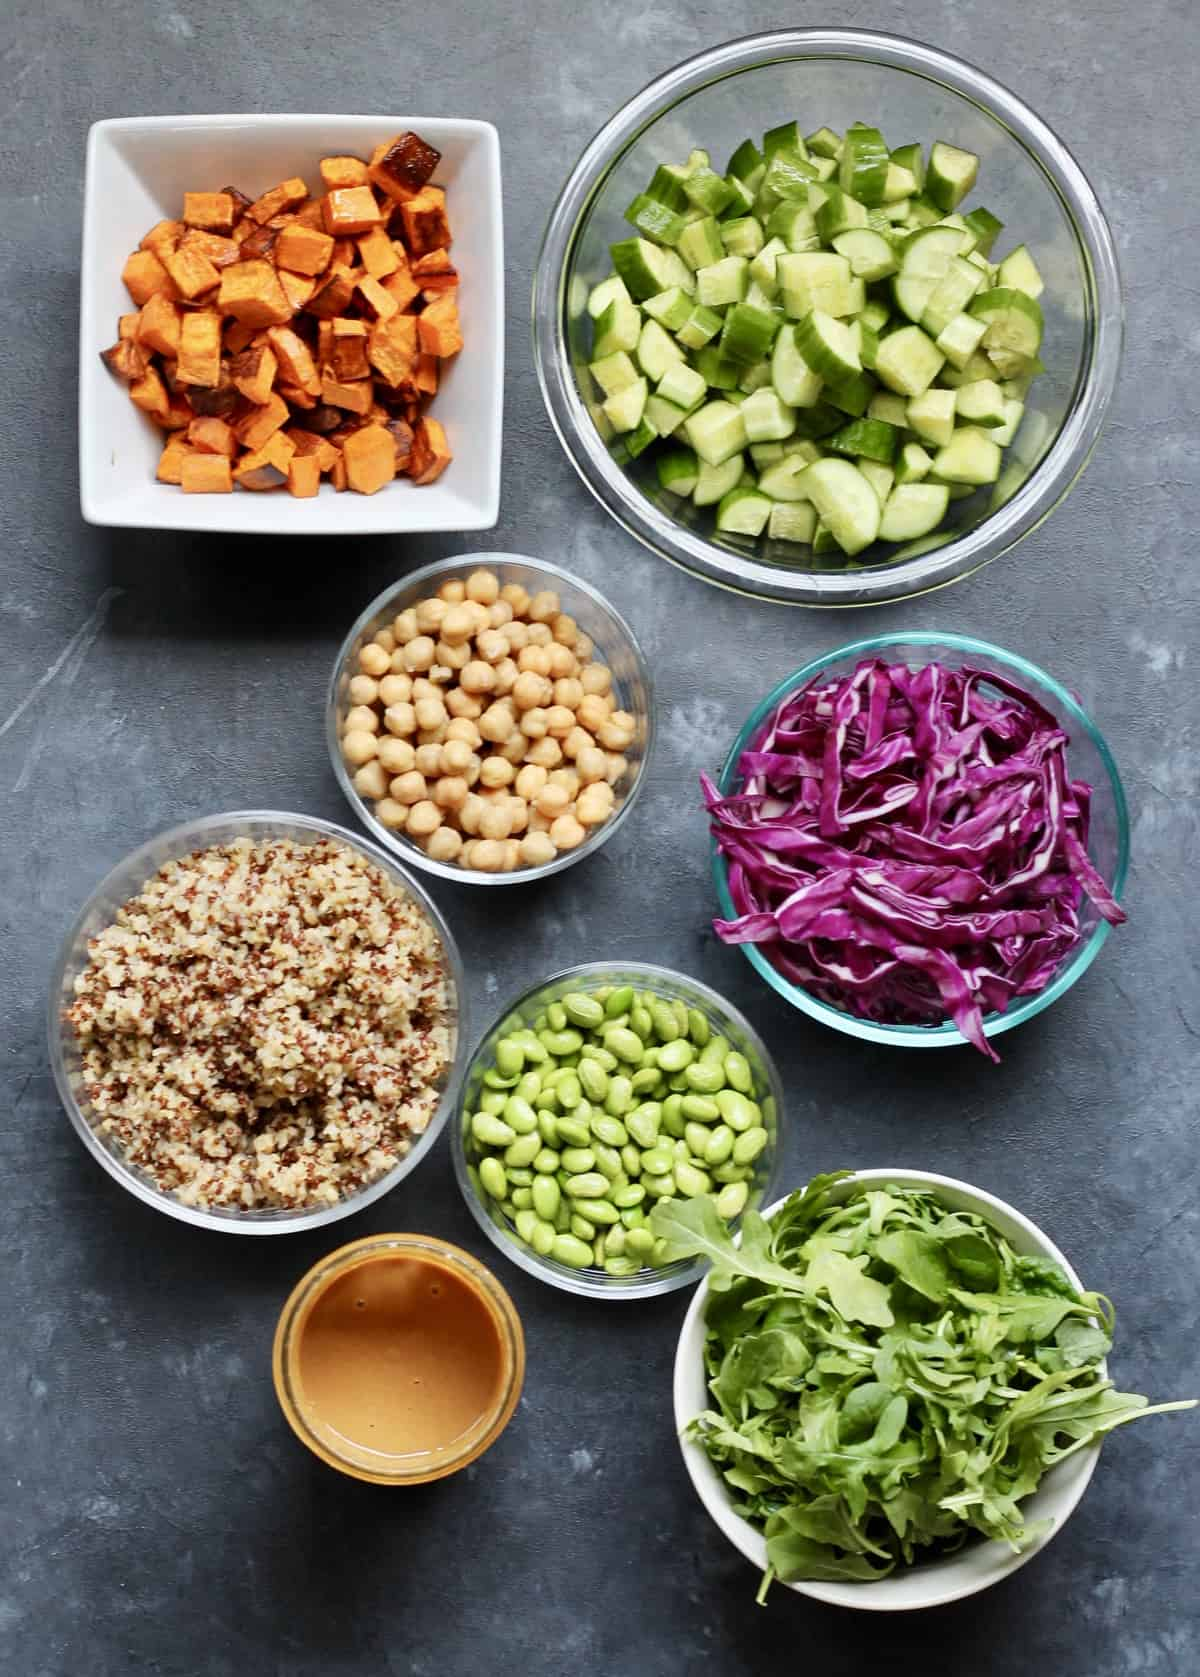 ingredients to make Thai peanut salad in a jar